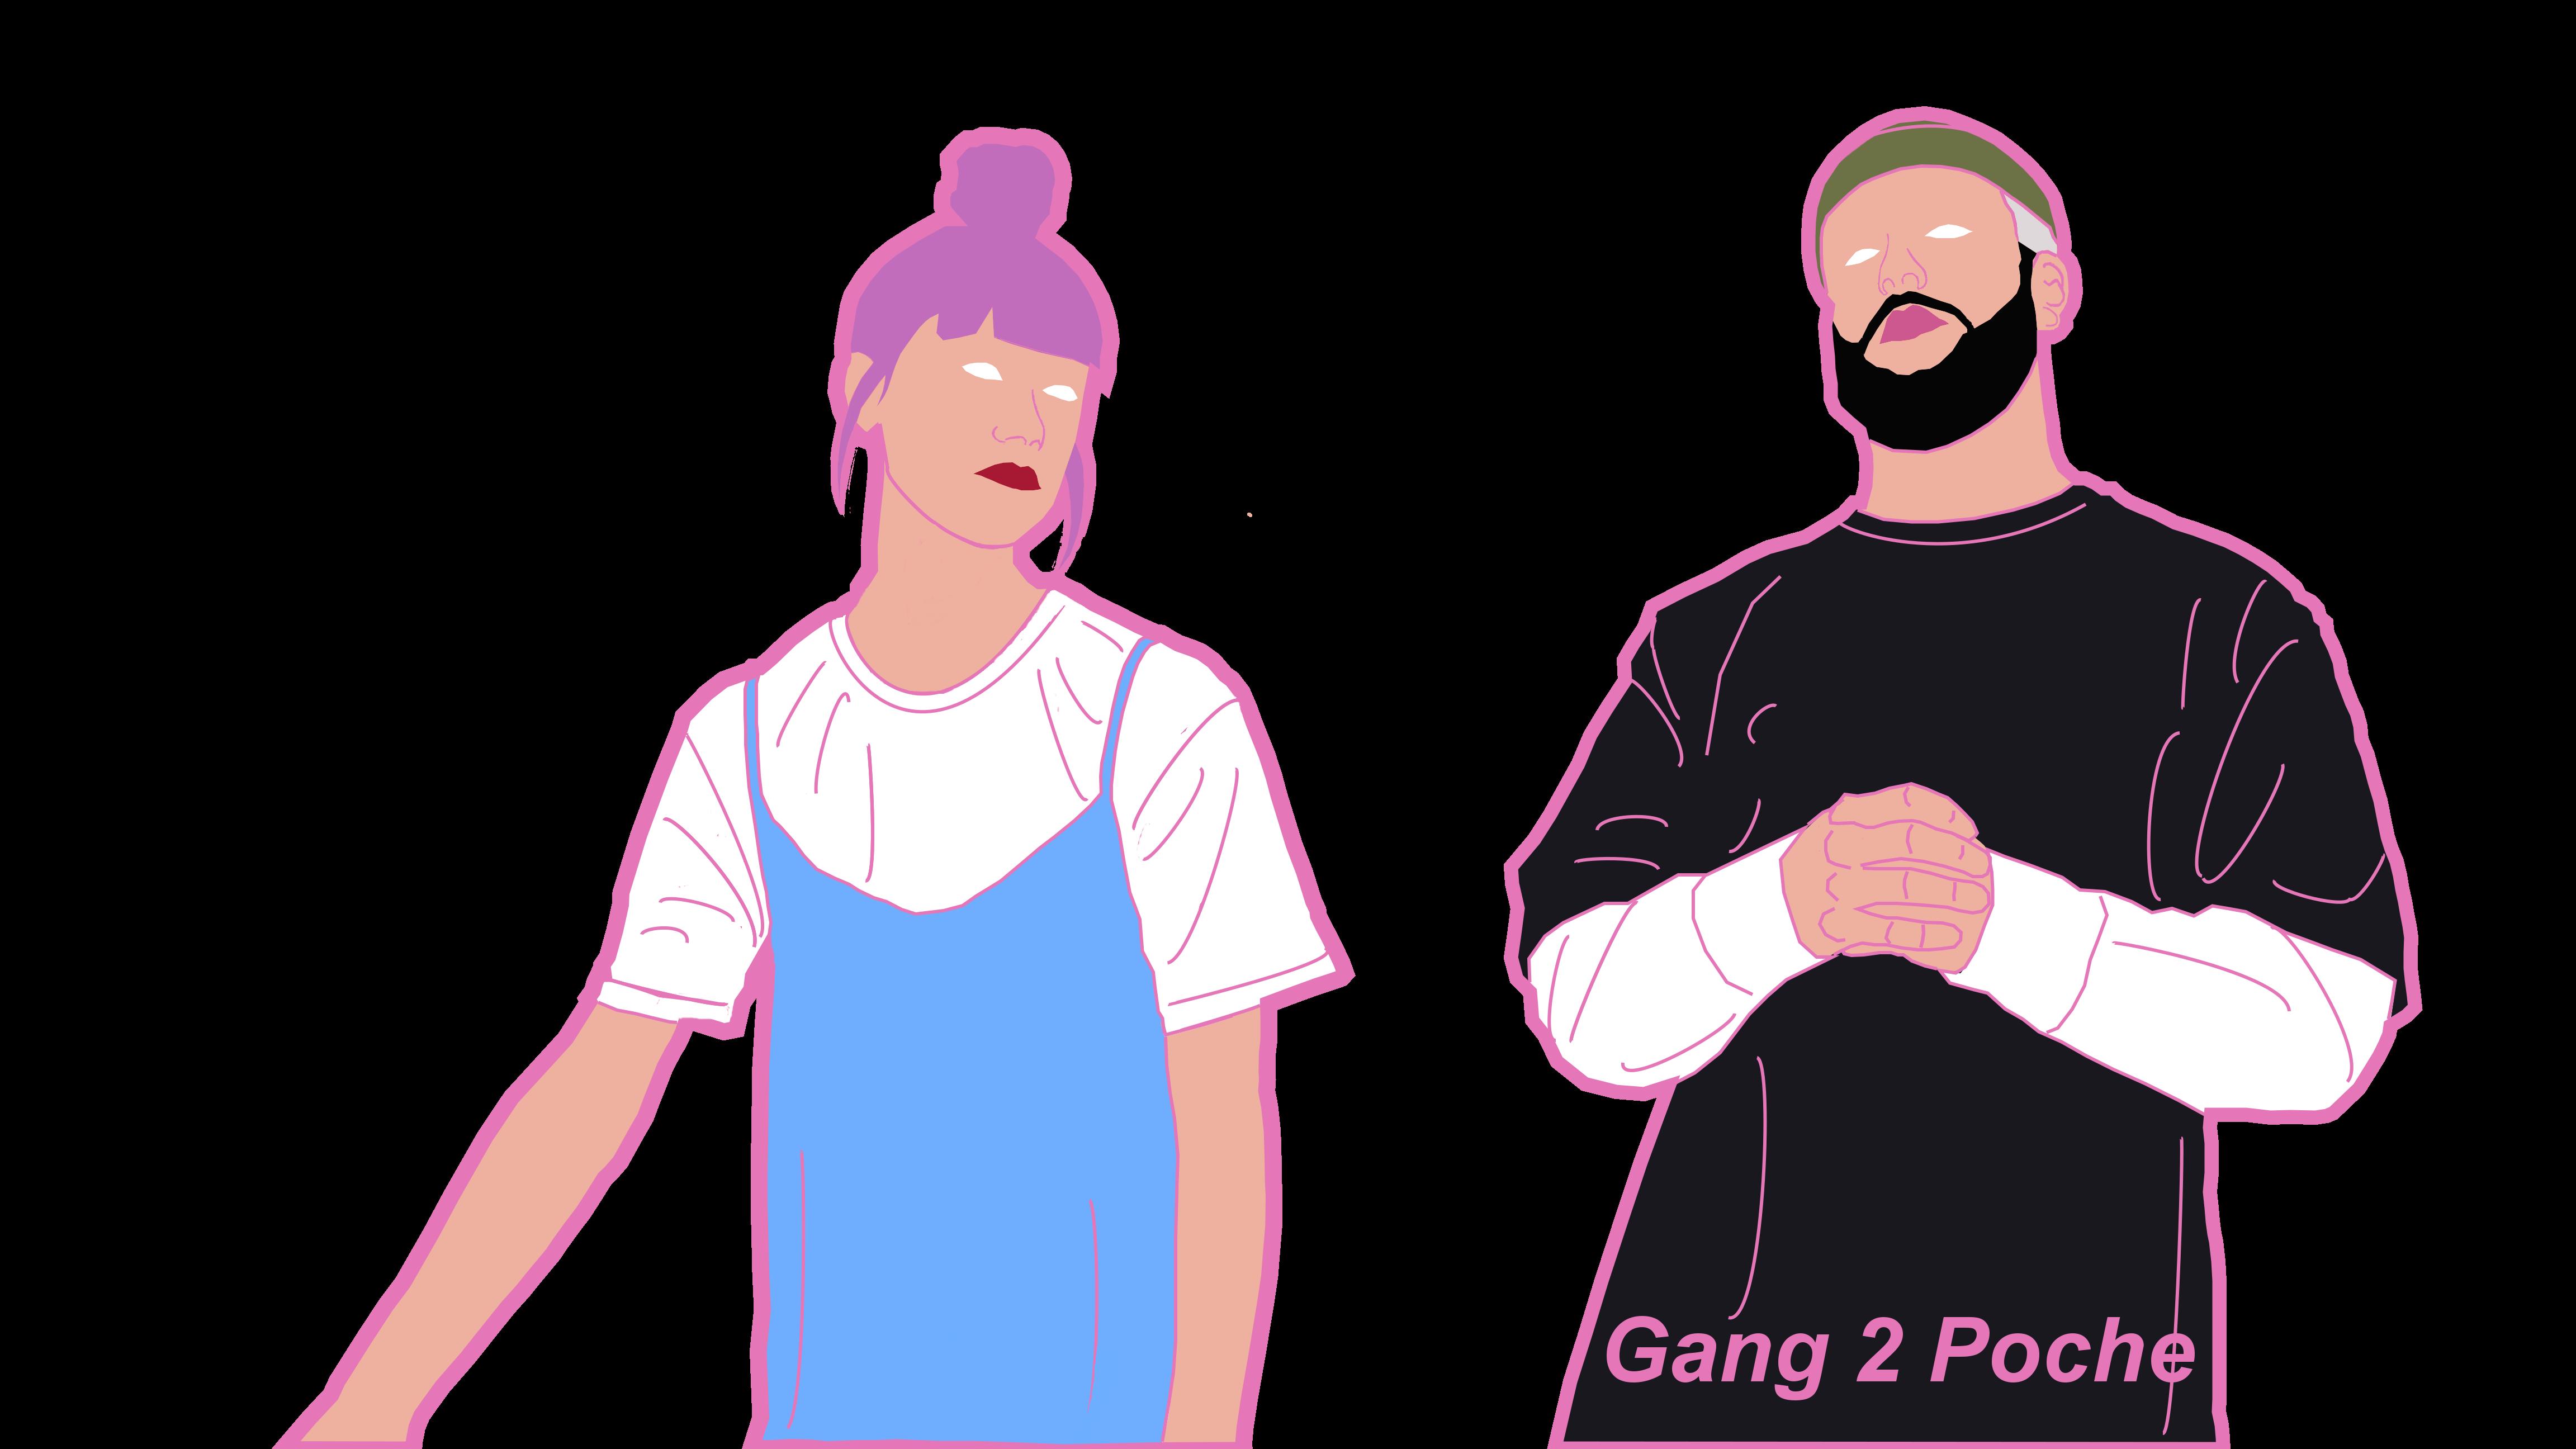 Gang 2 Poche